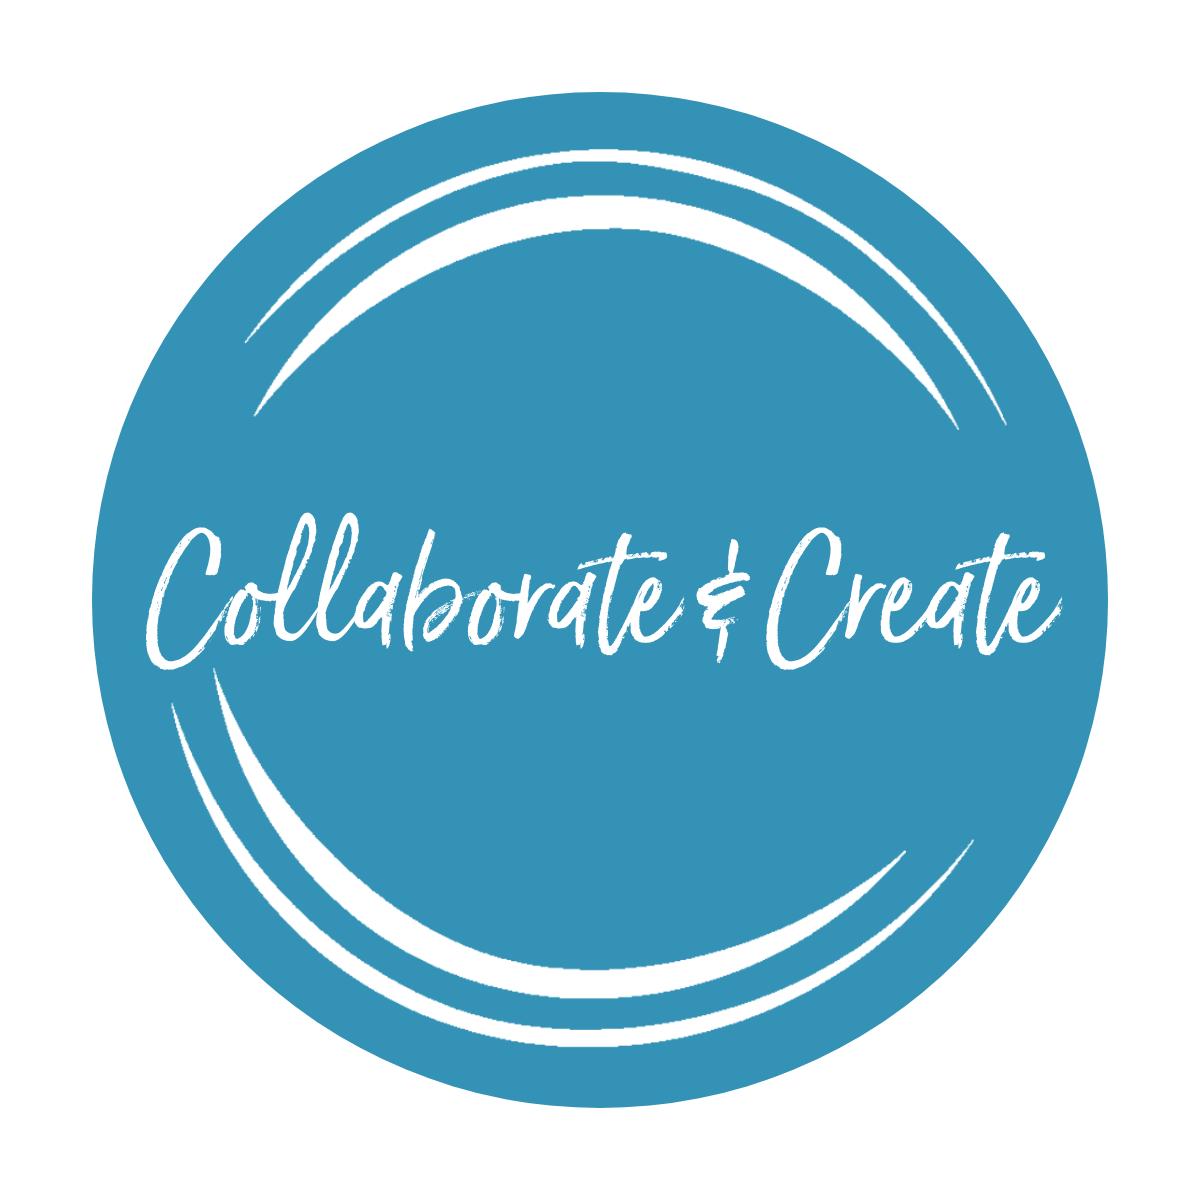 Collaborate & Create